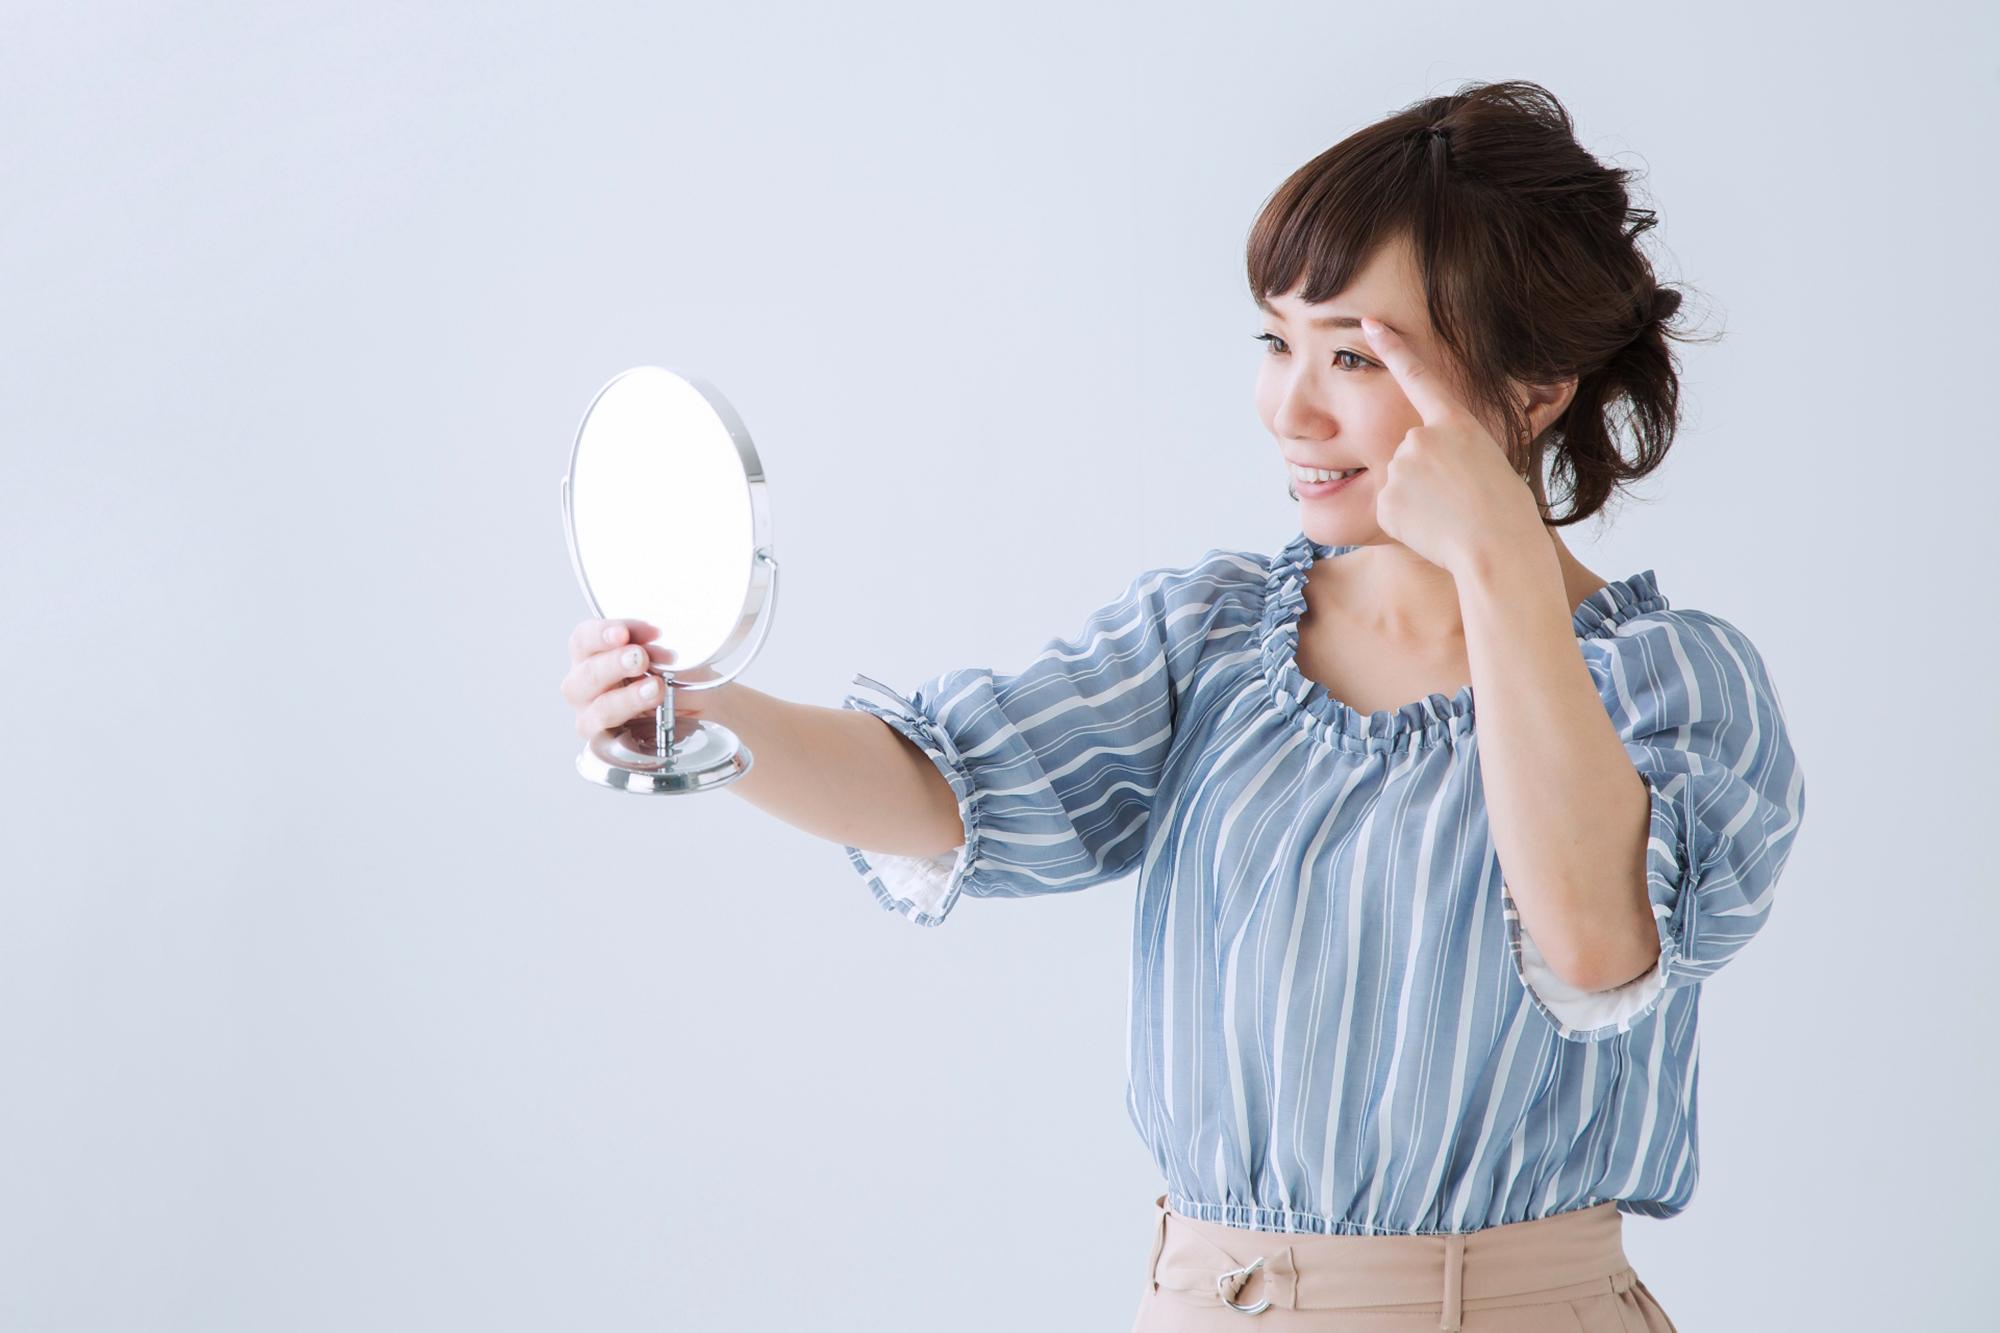 プロが教える★眉の描き方 / CELEBRATIONS maki|Beauty Studio